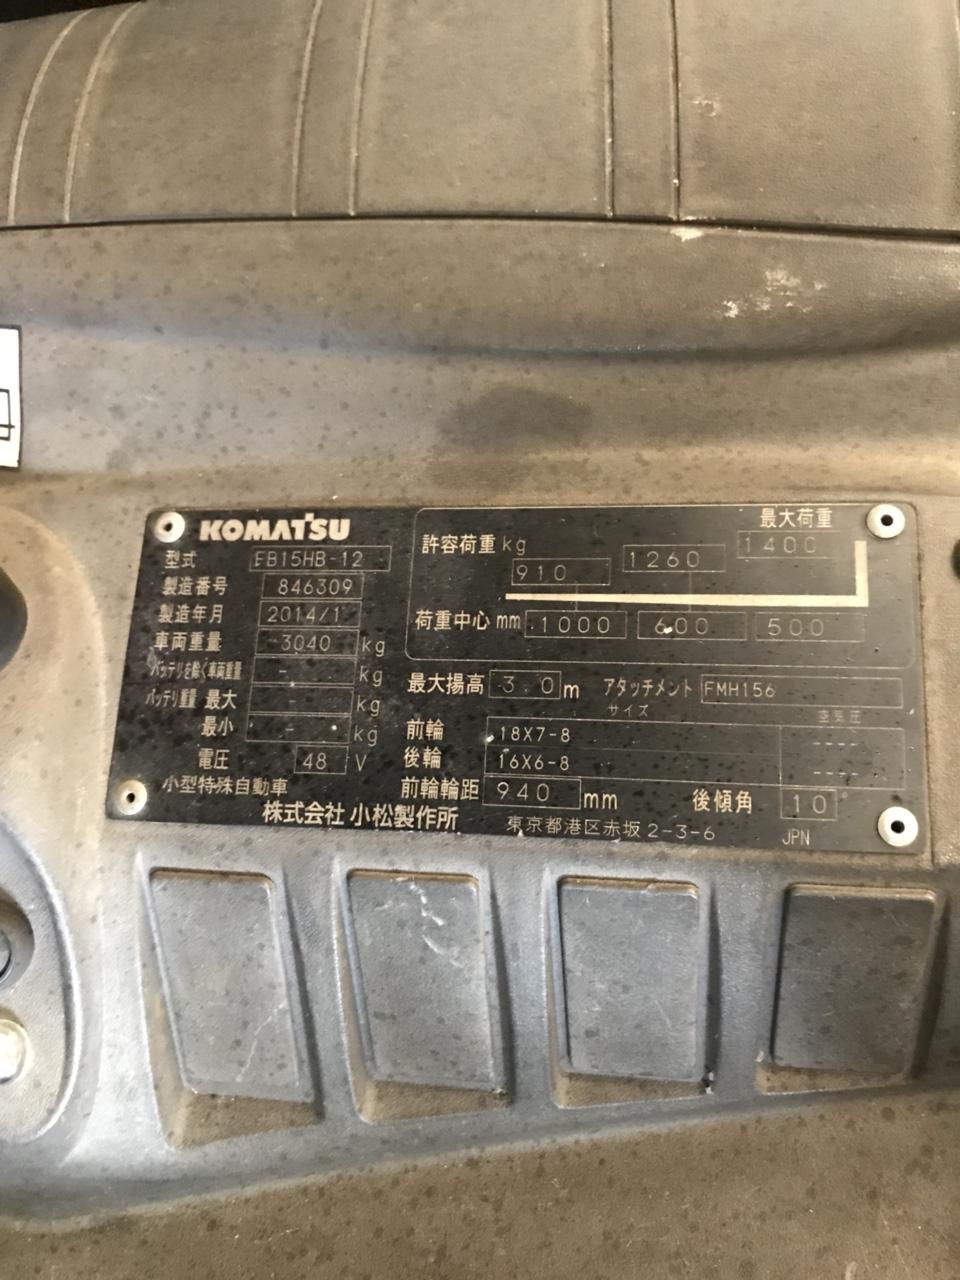 Xe nâng điện Komat'su 1.5 tấn. Model FB15HB-12